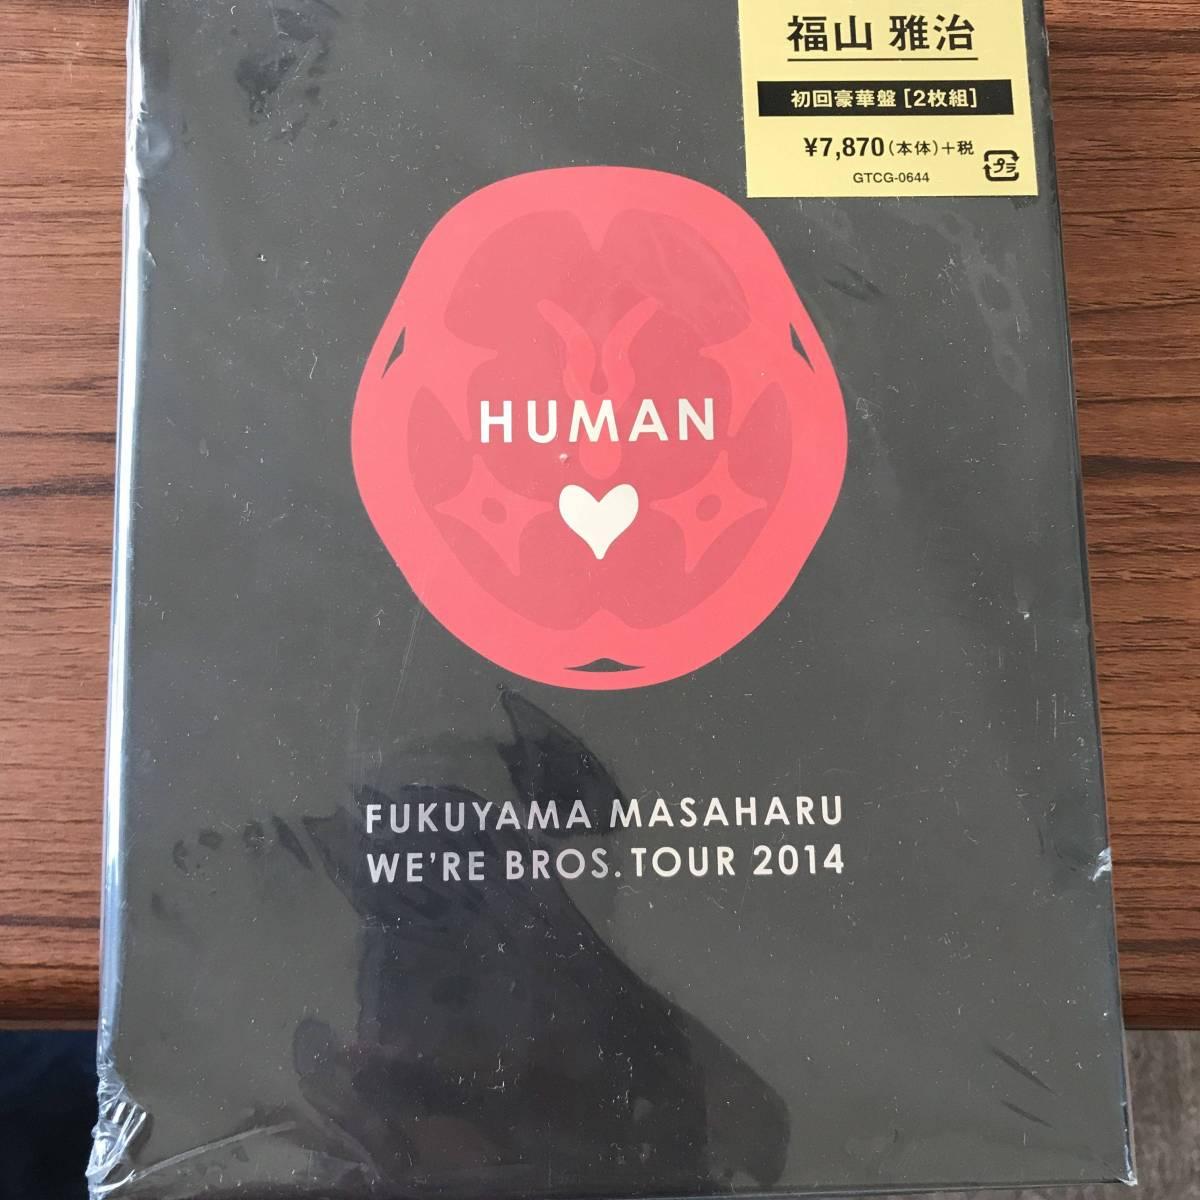 福山雅治 HUMAN LIVEDVD ライブグッズの画像